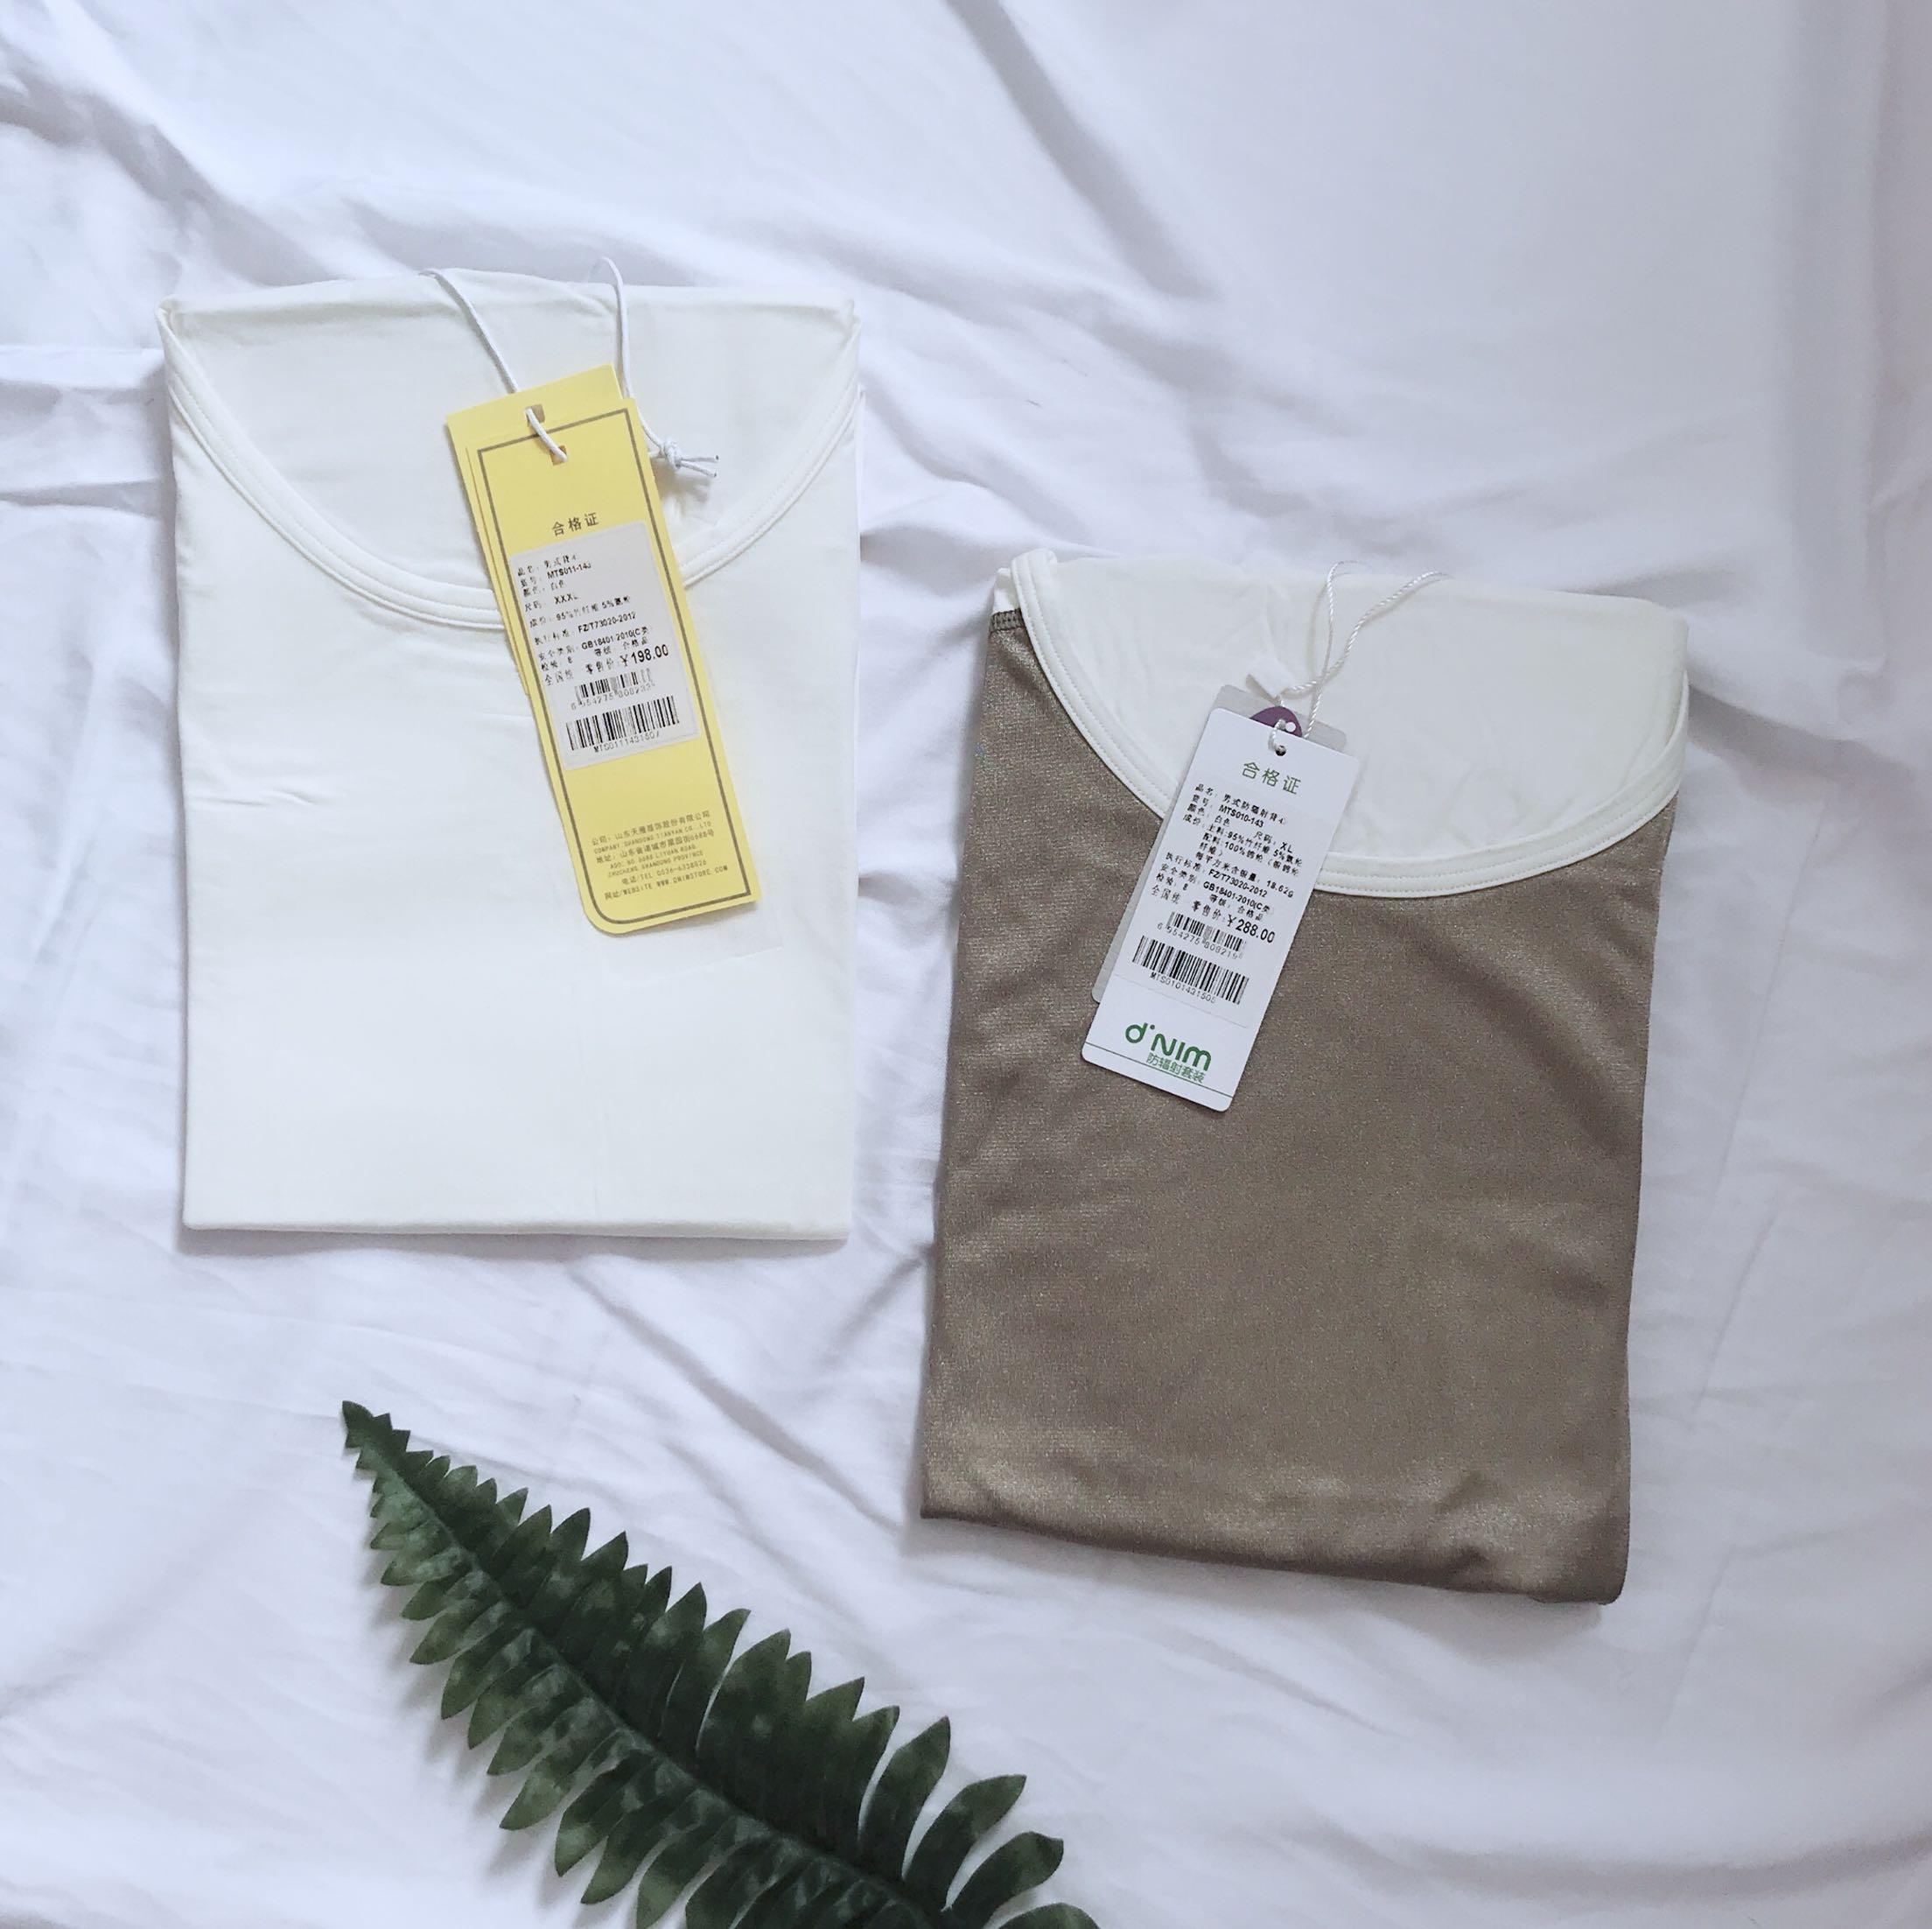 Gia đình phúc lợi của nam giới mùa hè siêu mỏng sợi tre vest bảo vệ bức xạ